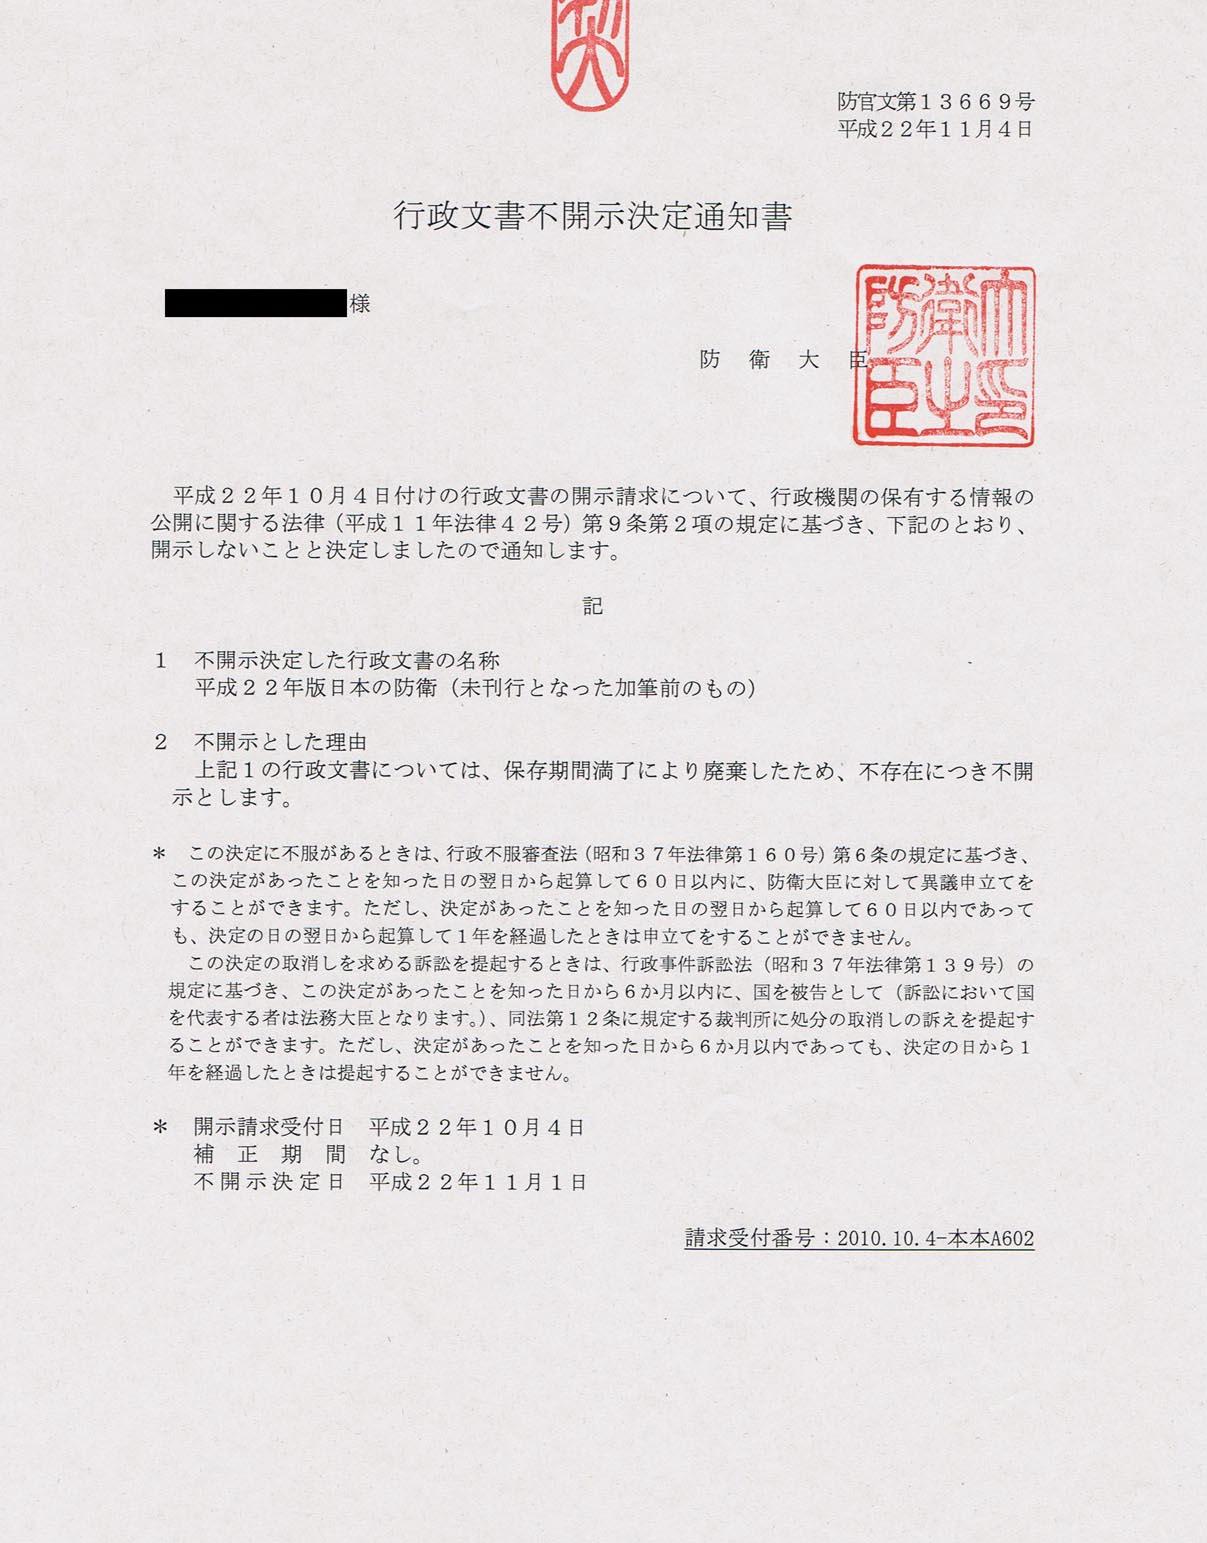 防衛白書刷り直し問題 証拠隠滅か?_d0044584_20572979.jpg